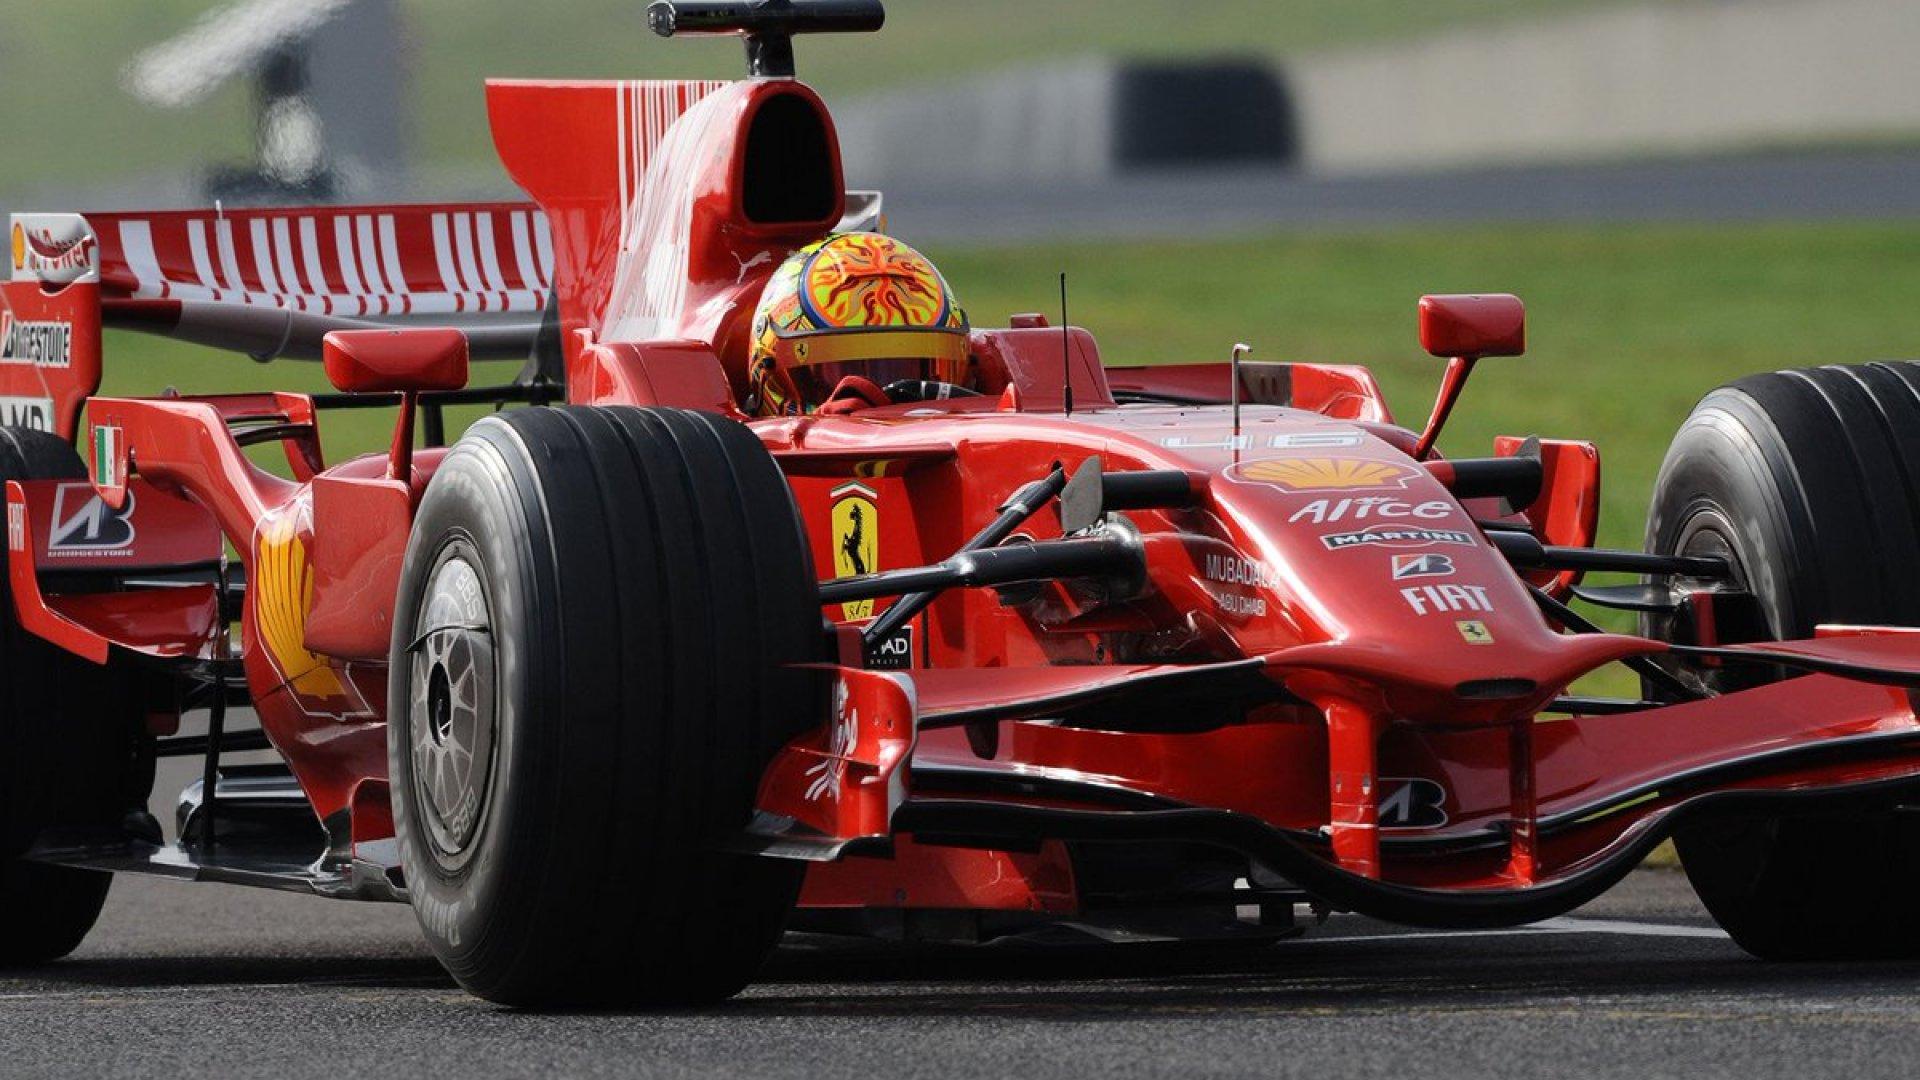 Hamilton Rossi Set To Swap Machines This December